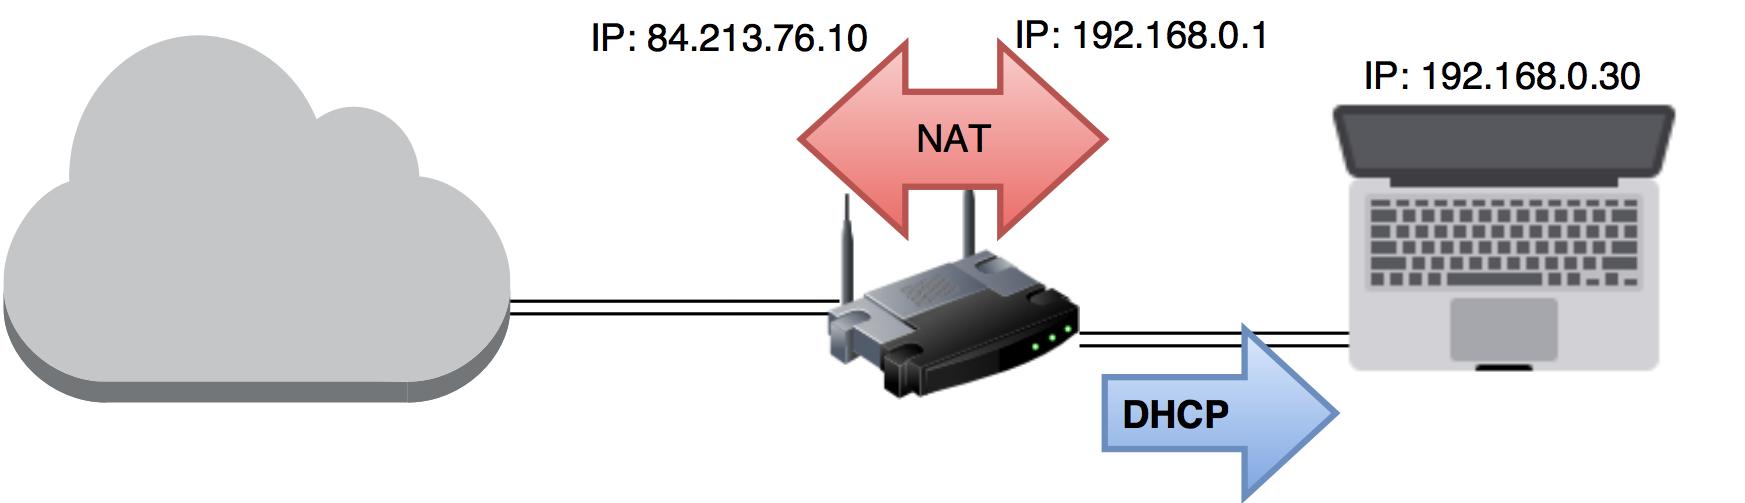 NAT oversetter mellom private og offentlige IP-adresser. I eksempelet er det IP-adressen lengst til venstre som er synlig fra Internett (skyen), mens IP-adressen i midten er den enhetene på nettverket ditt identifiserer ruteren som. En DHCP-server i ruteren gir alle enhetene i nettet ditt hver sin unike IP-adresse, i dette tilfellet 192.168.0.30 til PC-en. Tek.no